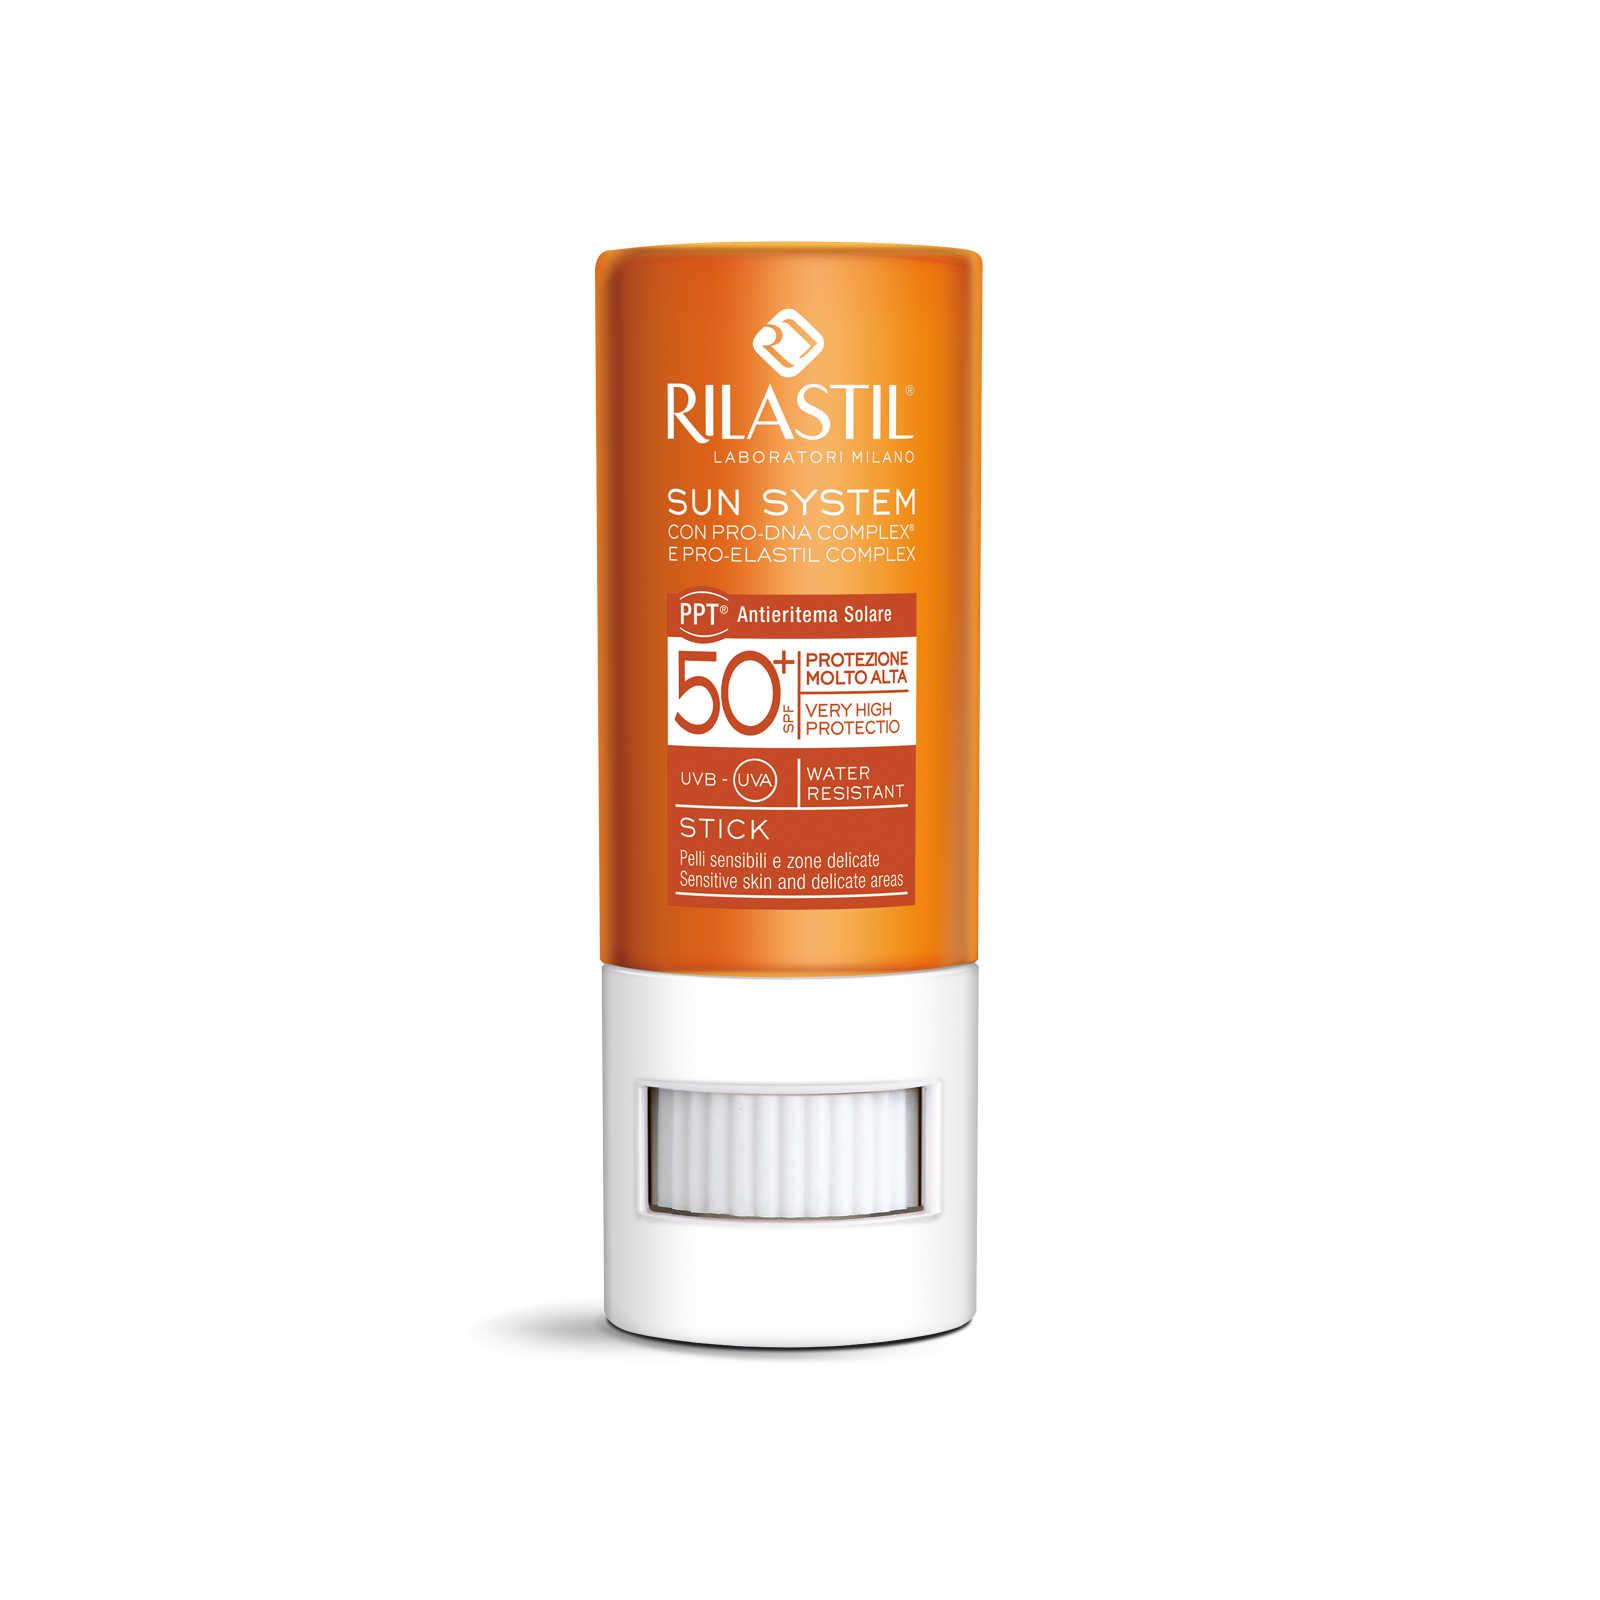 Rilastil - Stick protezione solare per la protezione della pelle del viso 50+ - Sun System